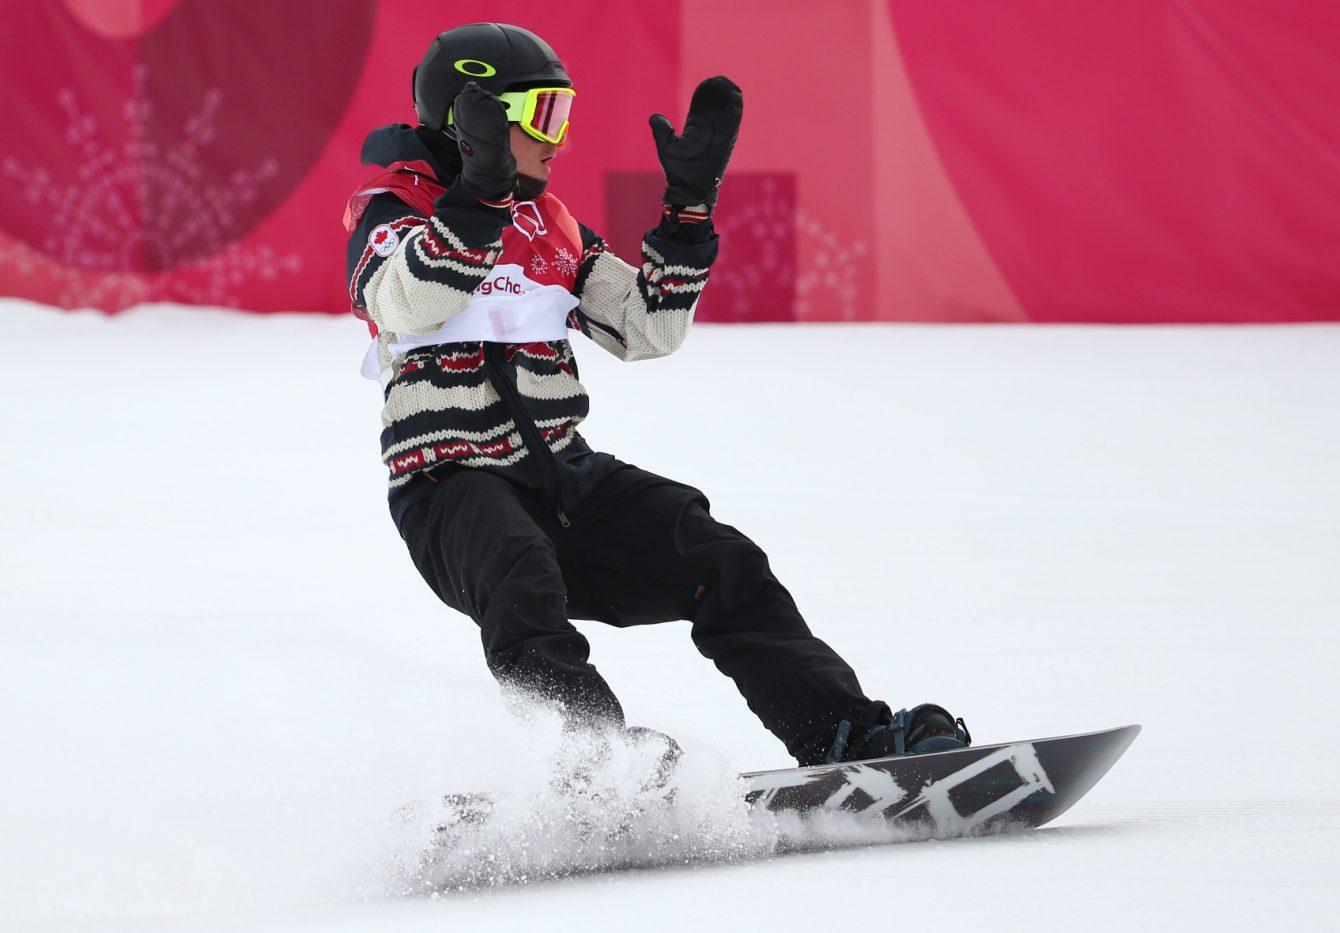 Le planchiste Sébastien Toutant d'Équipe Canada remporte la médaille d'or de l'épreuve big air des Jeux olympiques de PyeongChang, en Corée du Sud, le 24 février 2018. (Photo : Vaughn Ridley/COC)